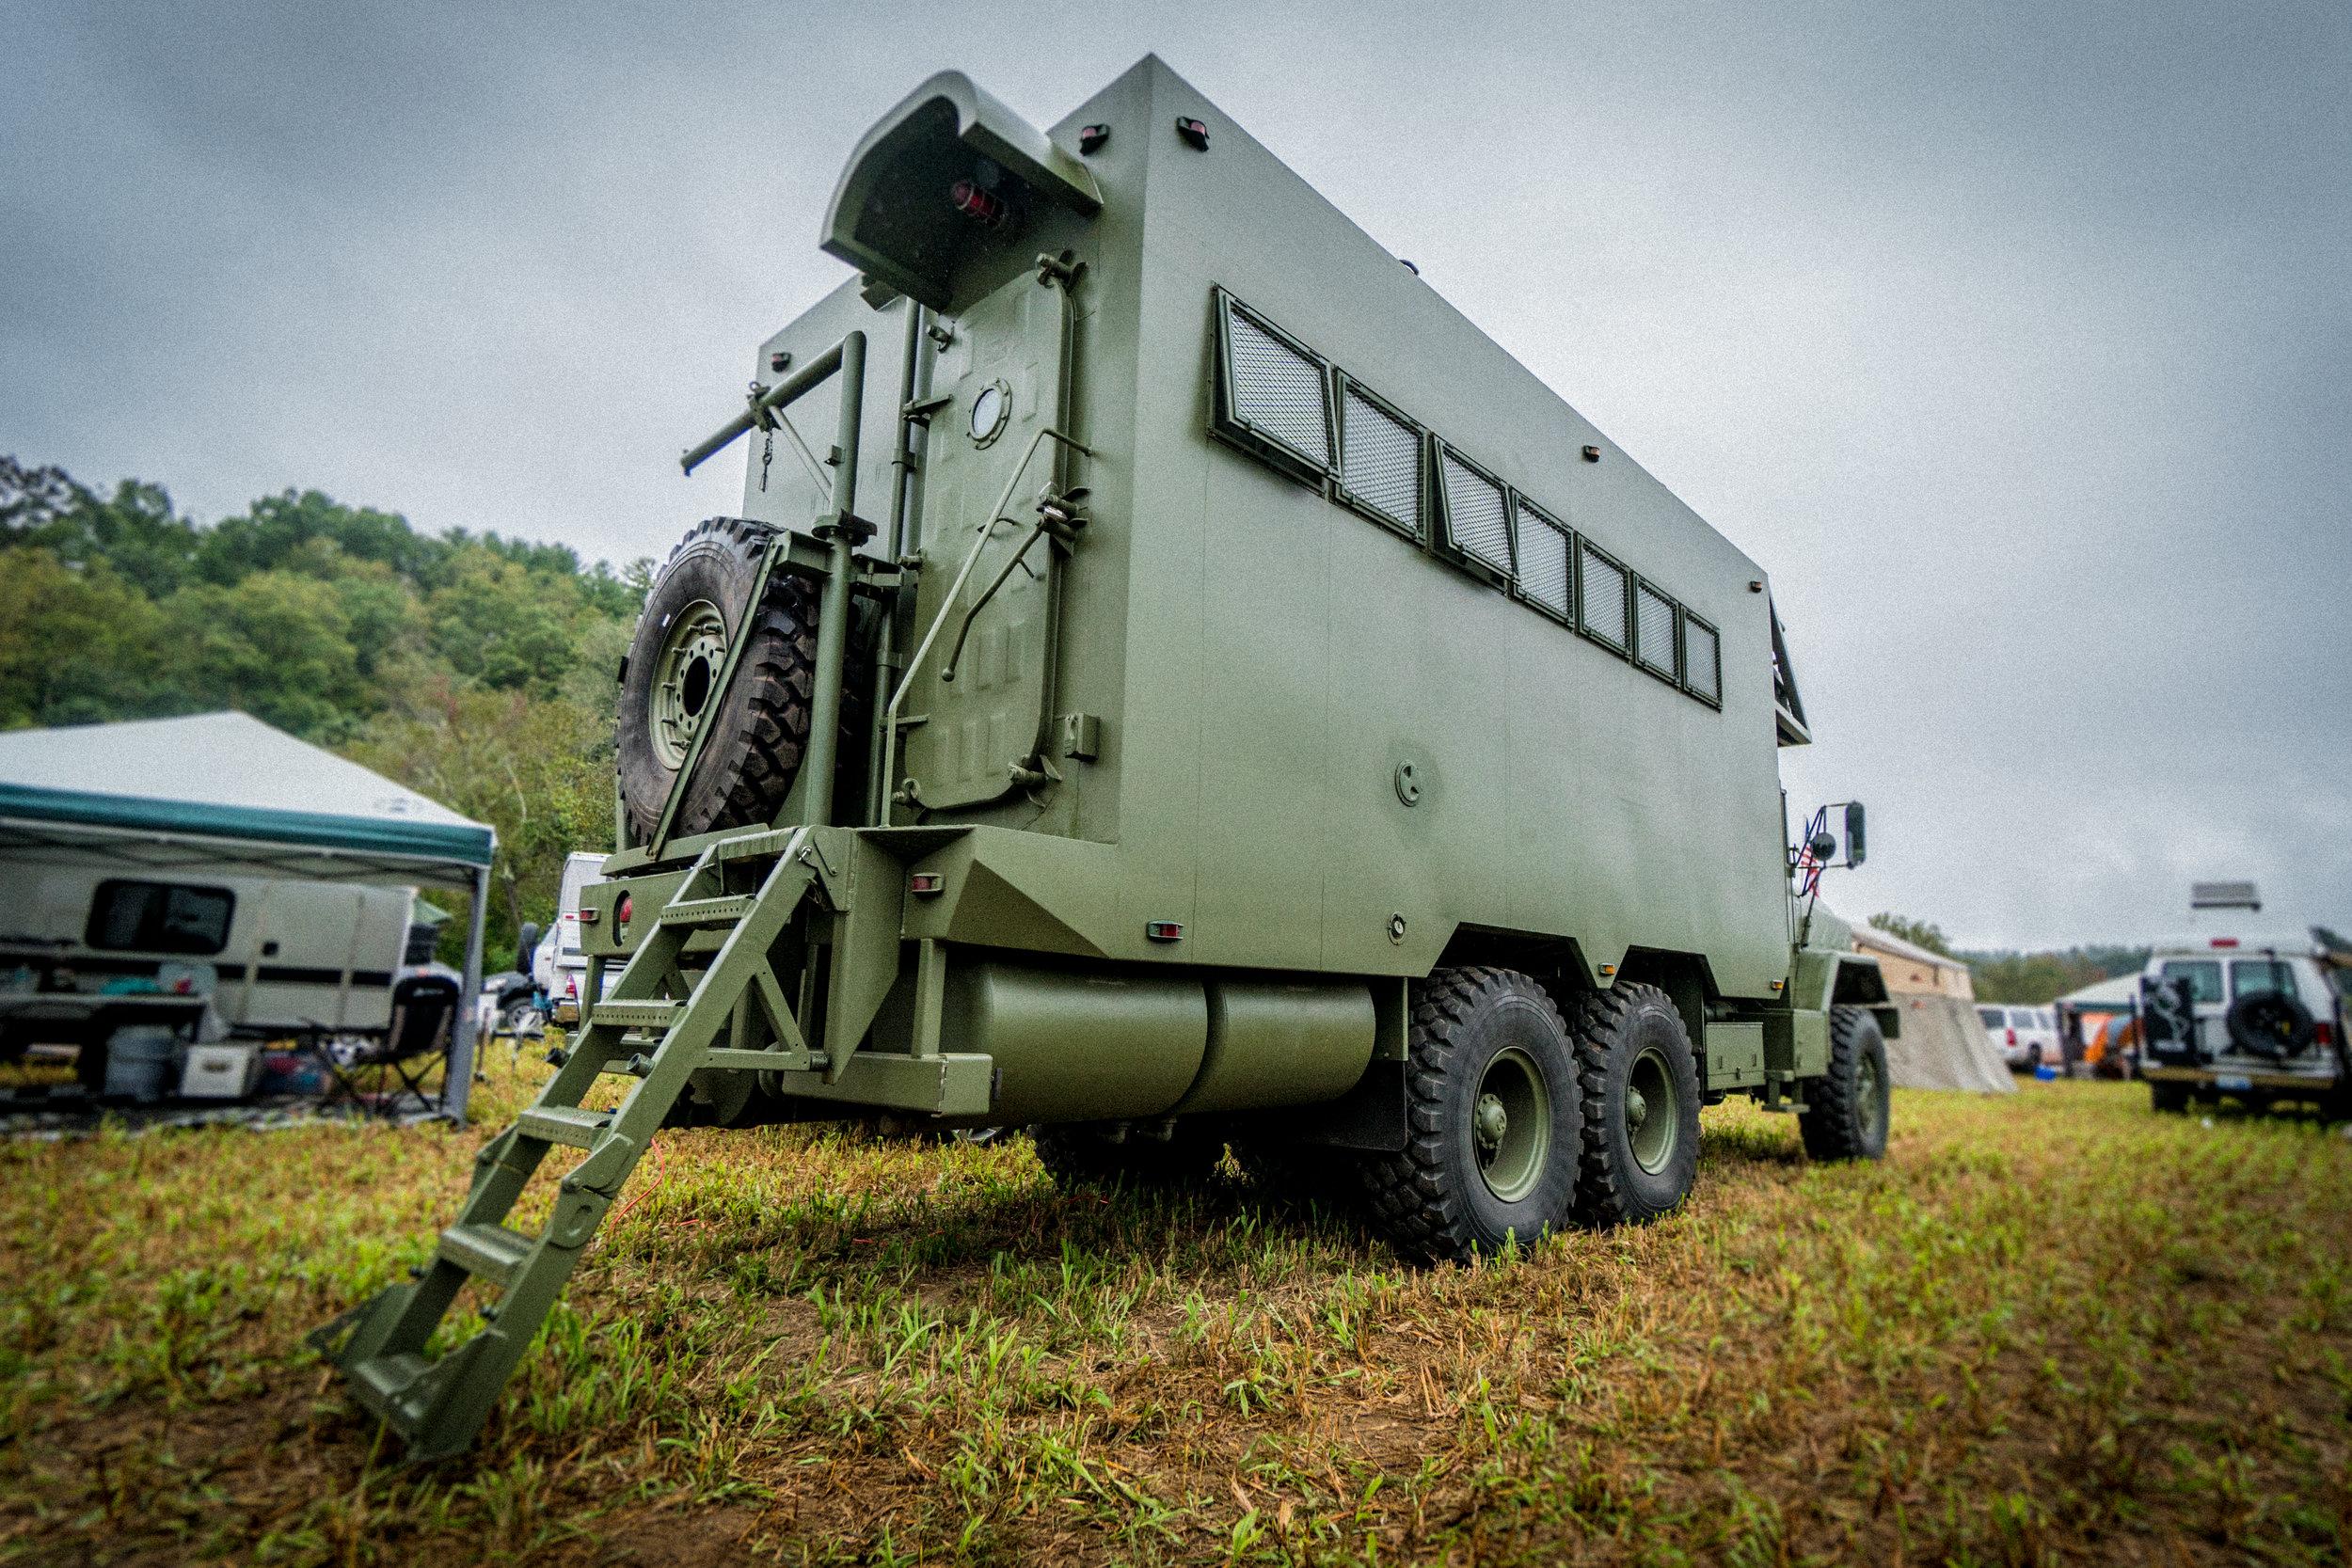 USN M-35 6x6